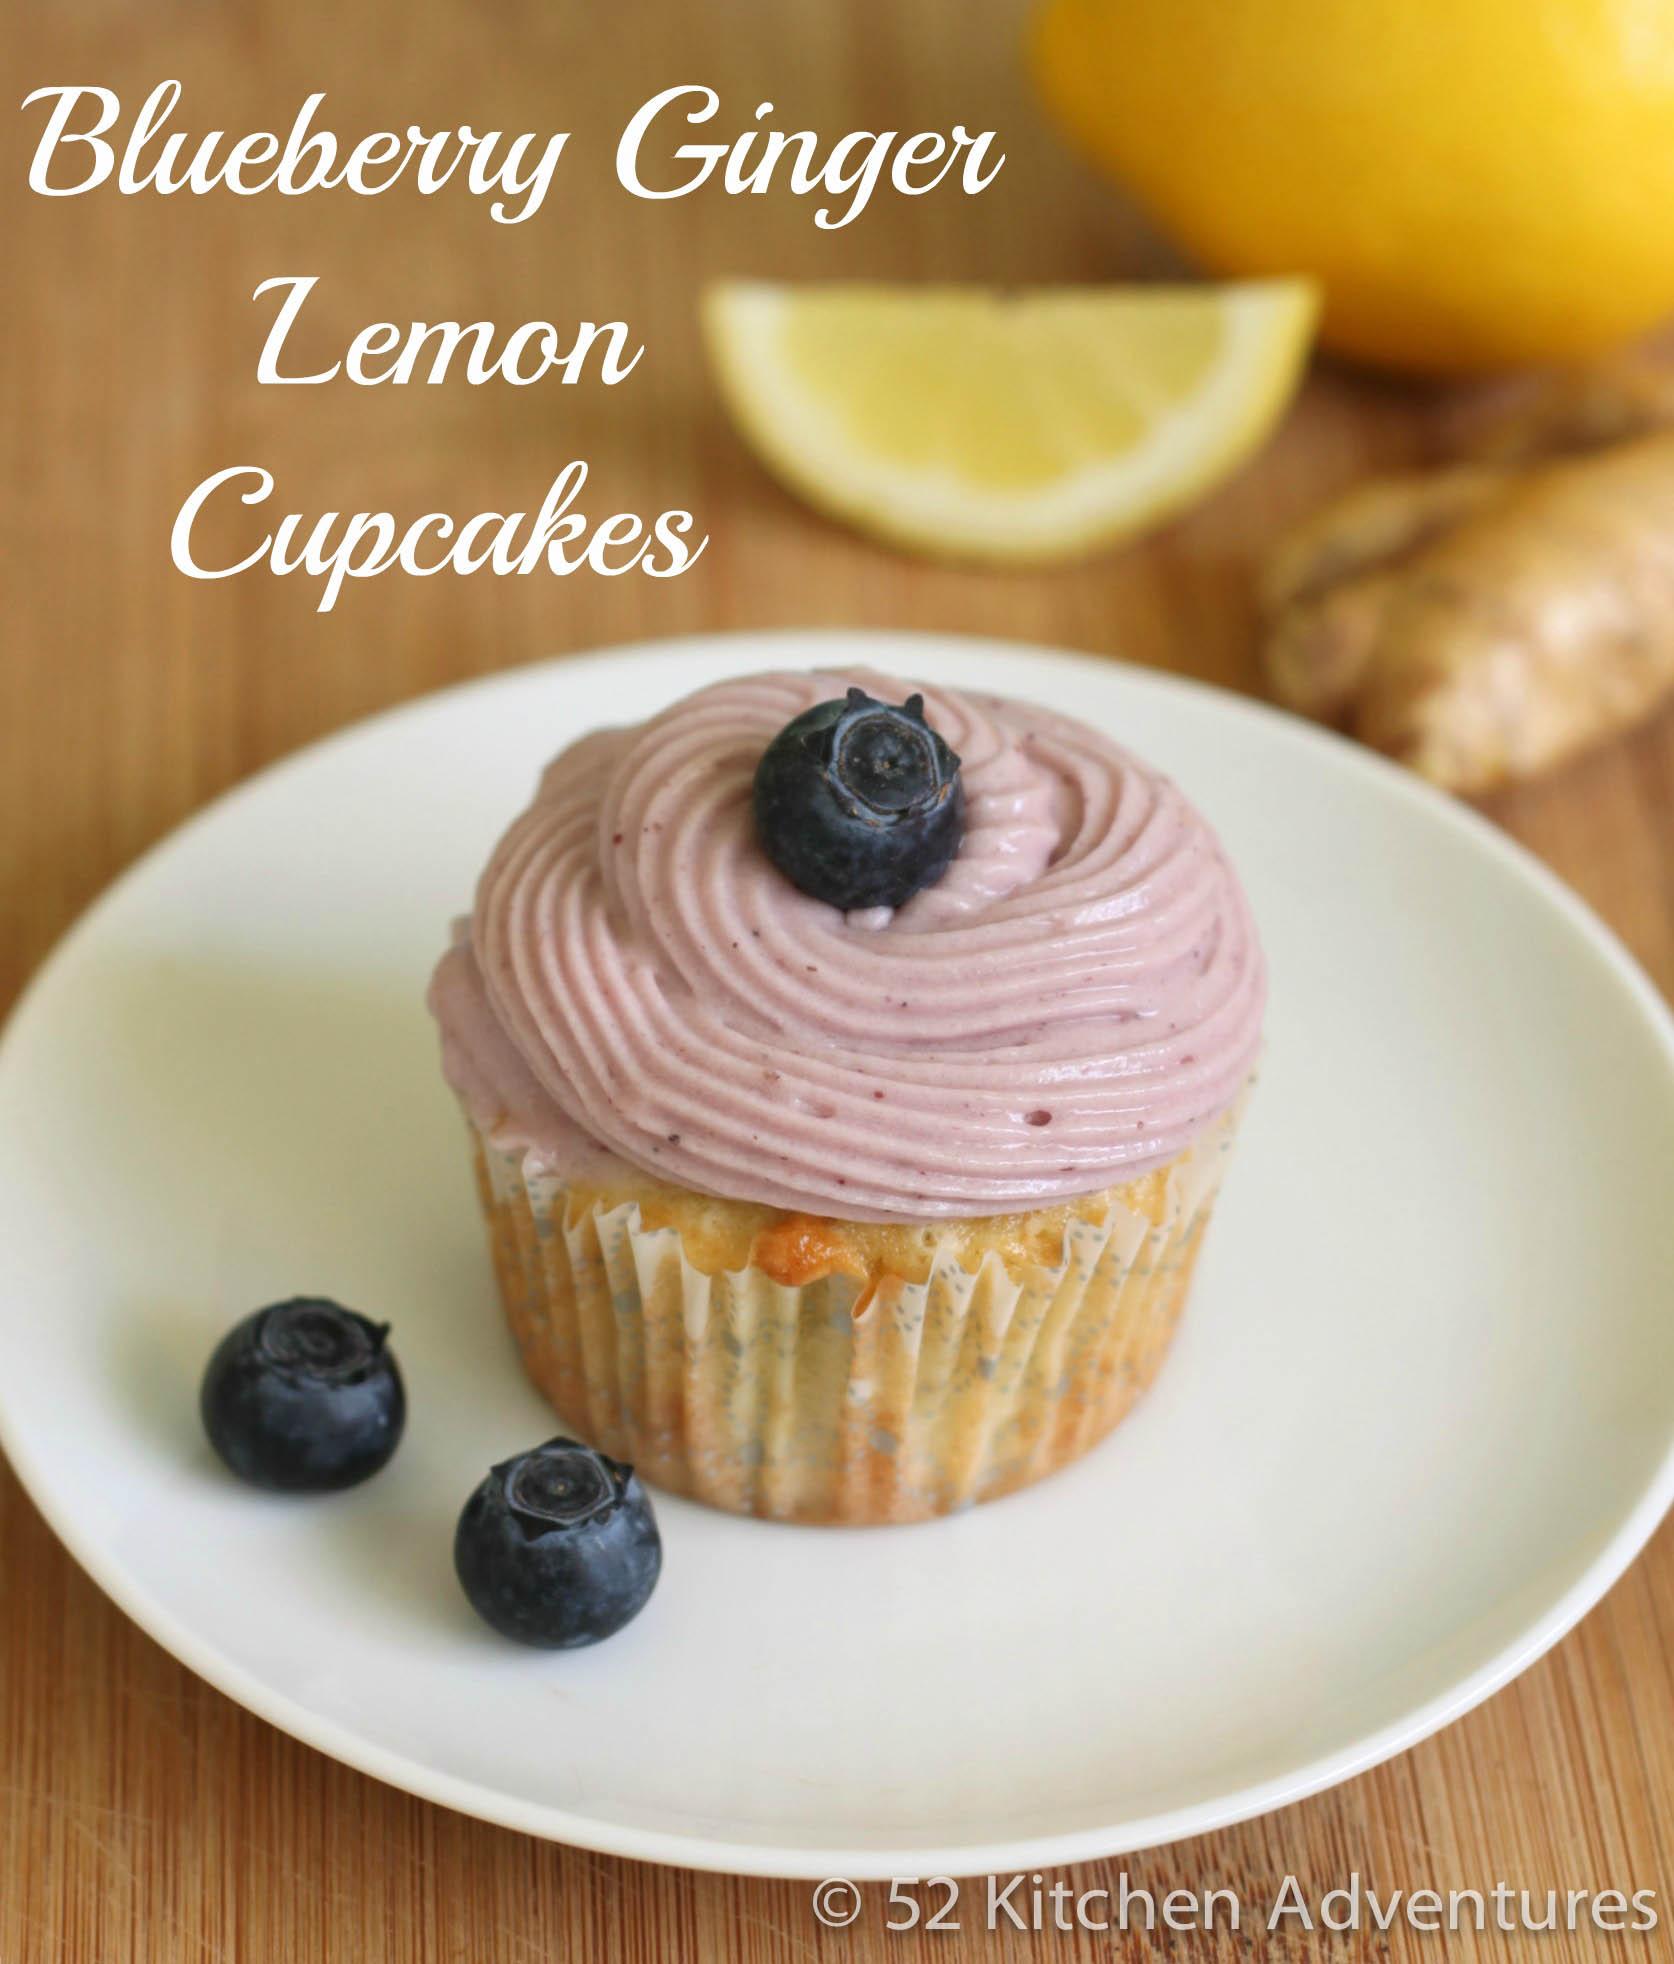 Blueberry Ginger Lemon Cupcakes